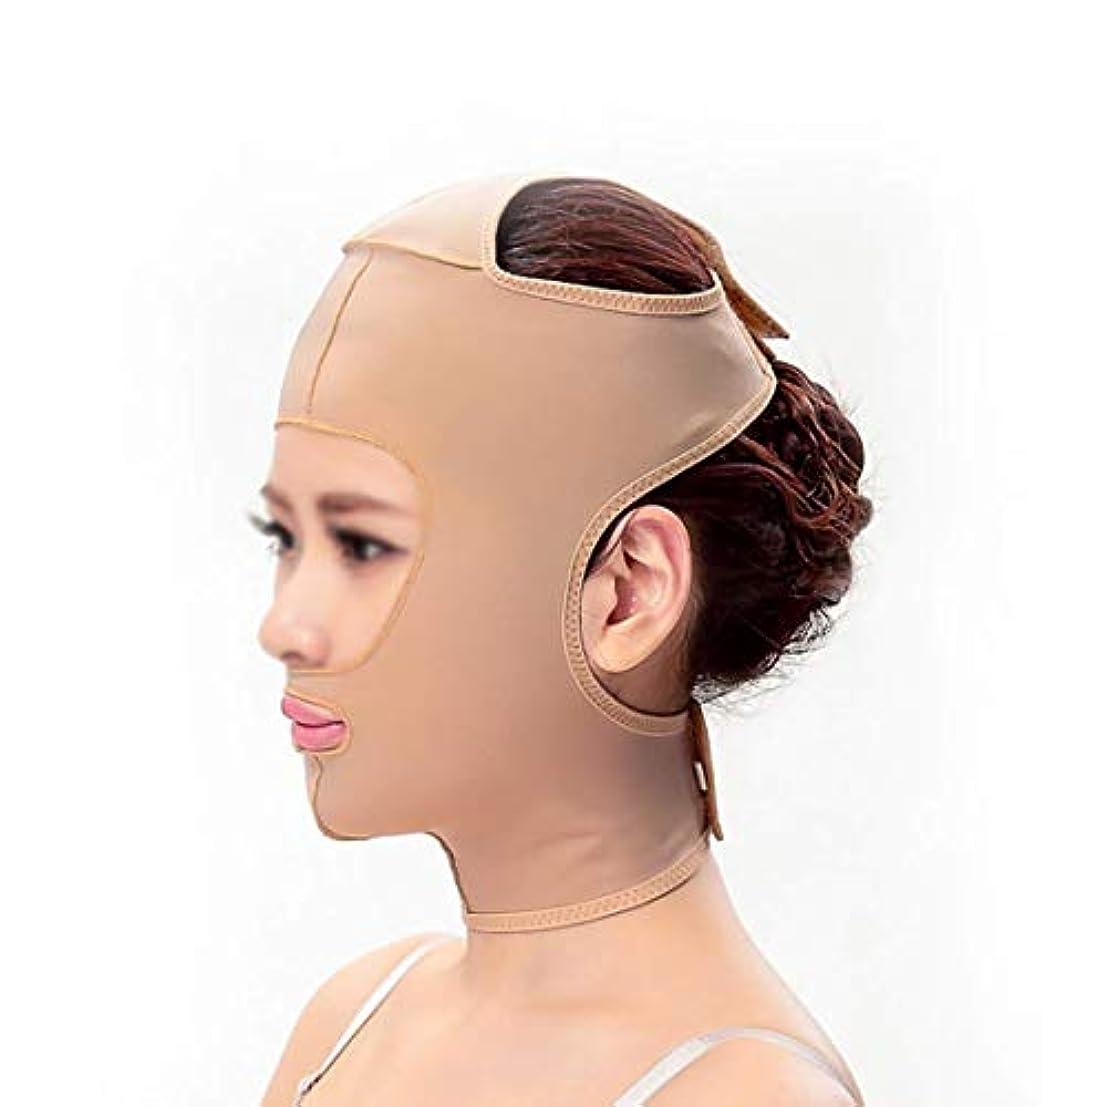 傭兵あいまいランチスリミングベルト、二重あごの引き締め顔面プラスチックフェイスアーティファクト強力なフェイスバンデージをサイズアップするために顔面マスクシンフェイスマスク,XXL